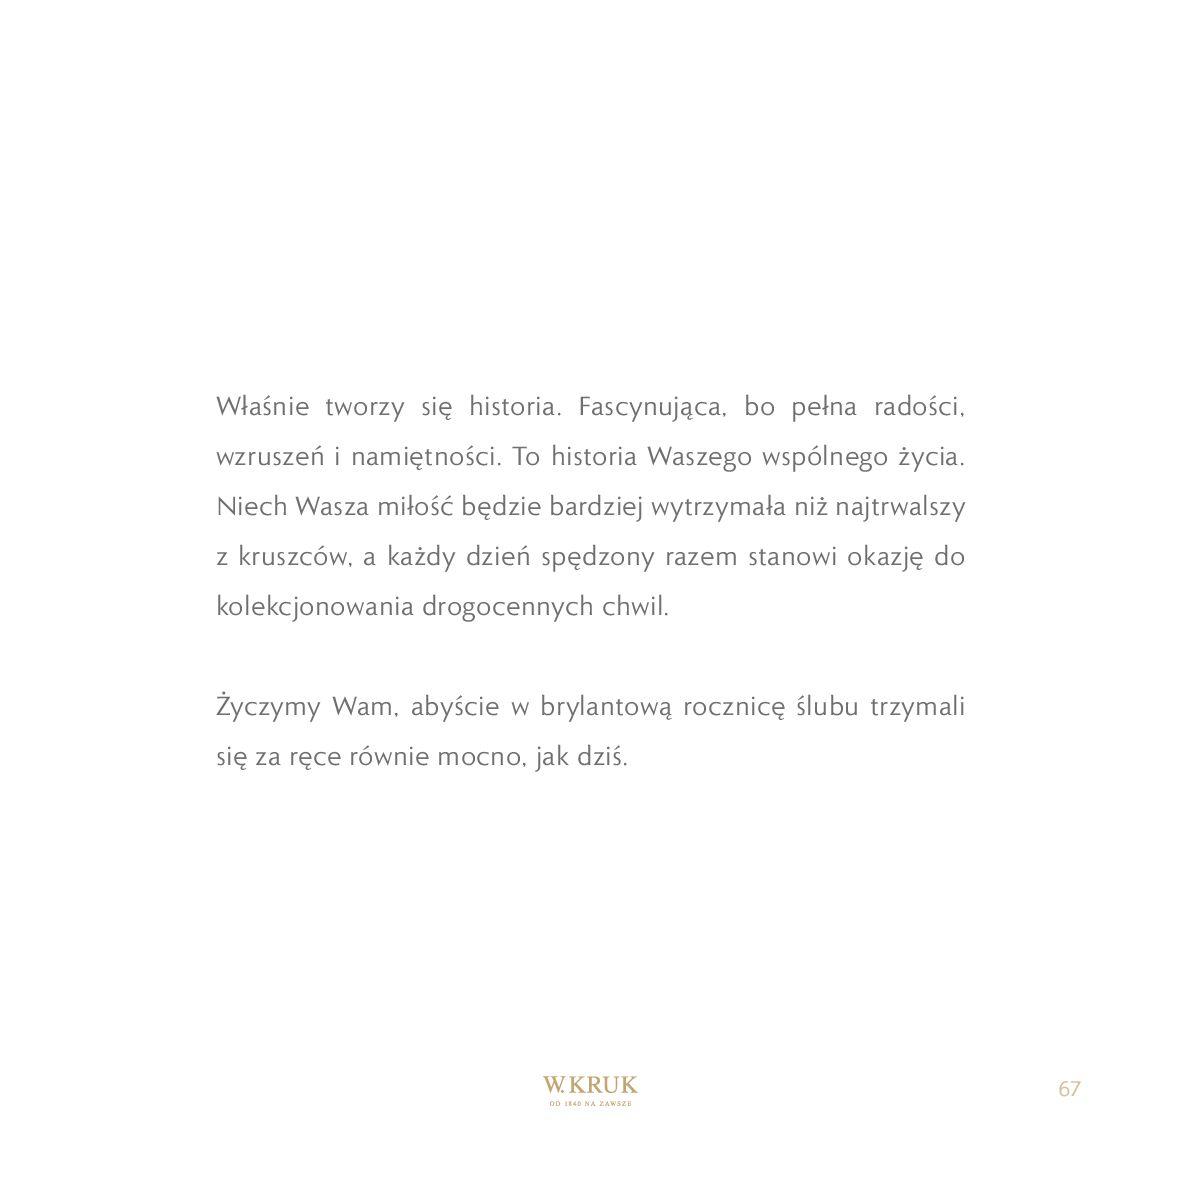 Gazetka W. KRUK: Katalog - Obrączki 2021-02-17 page-69